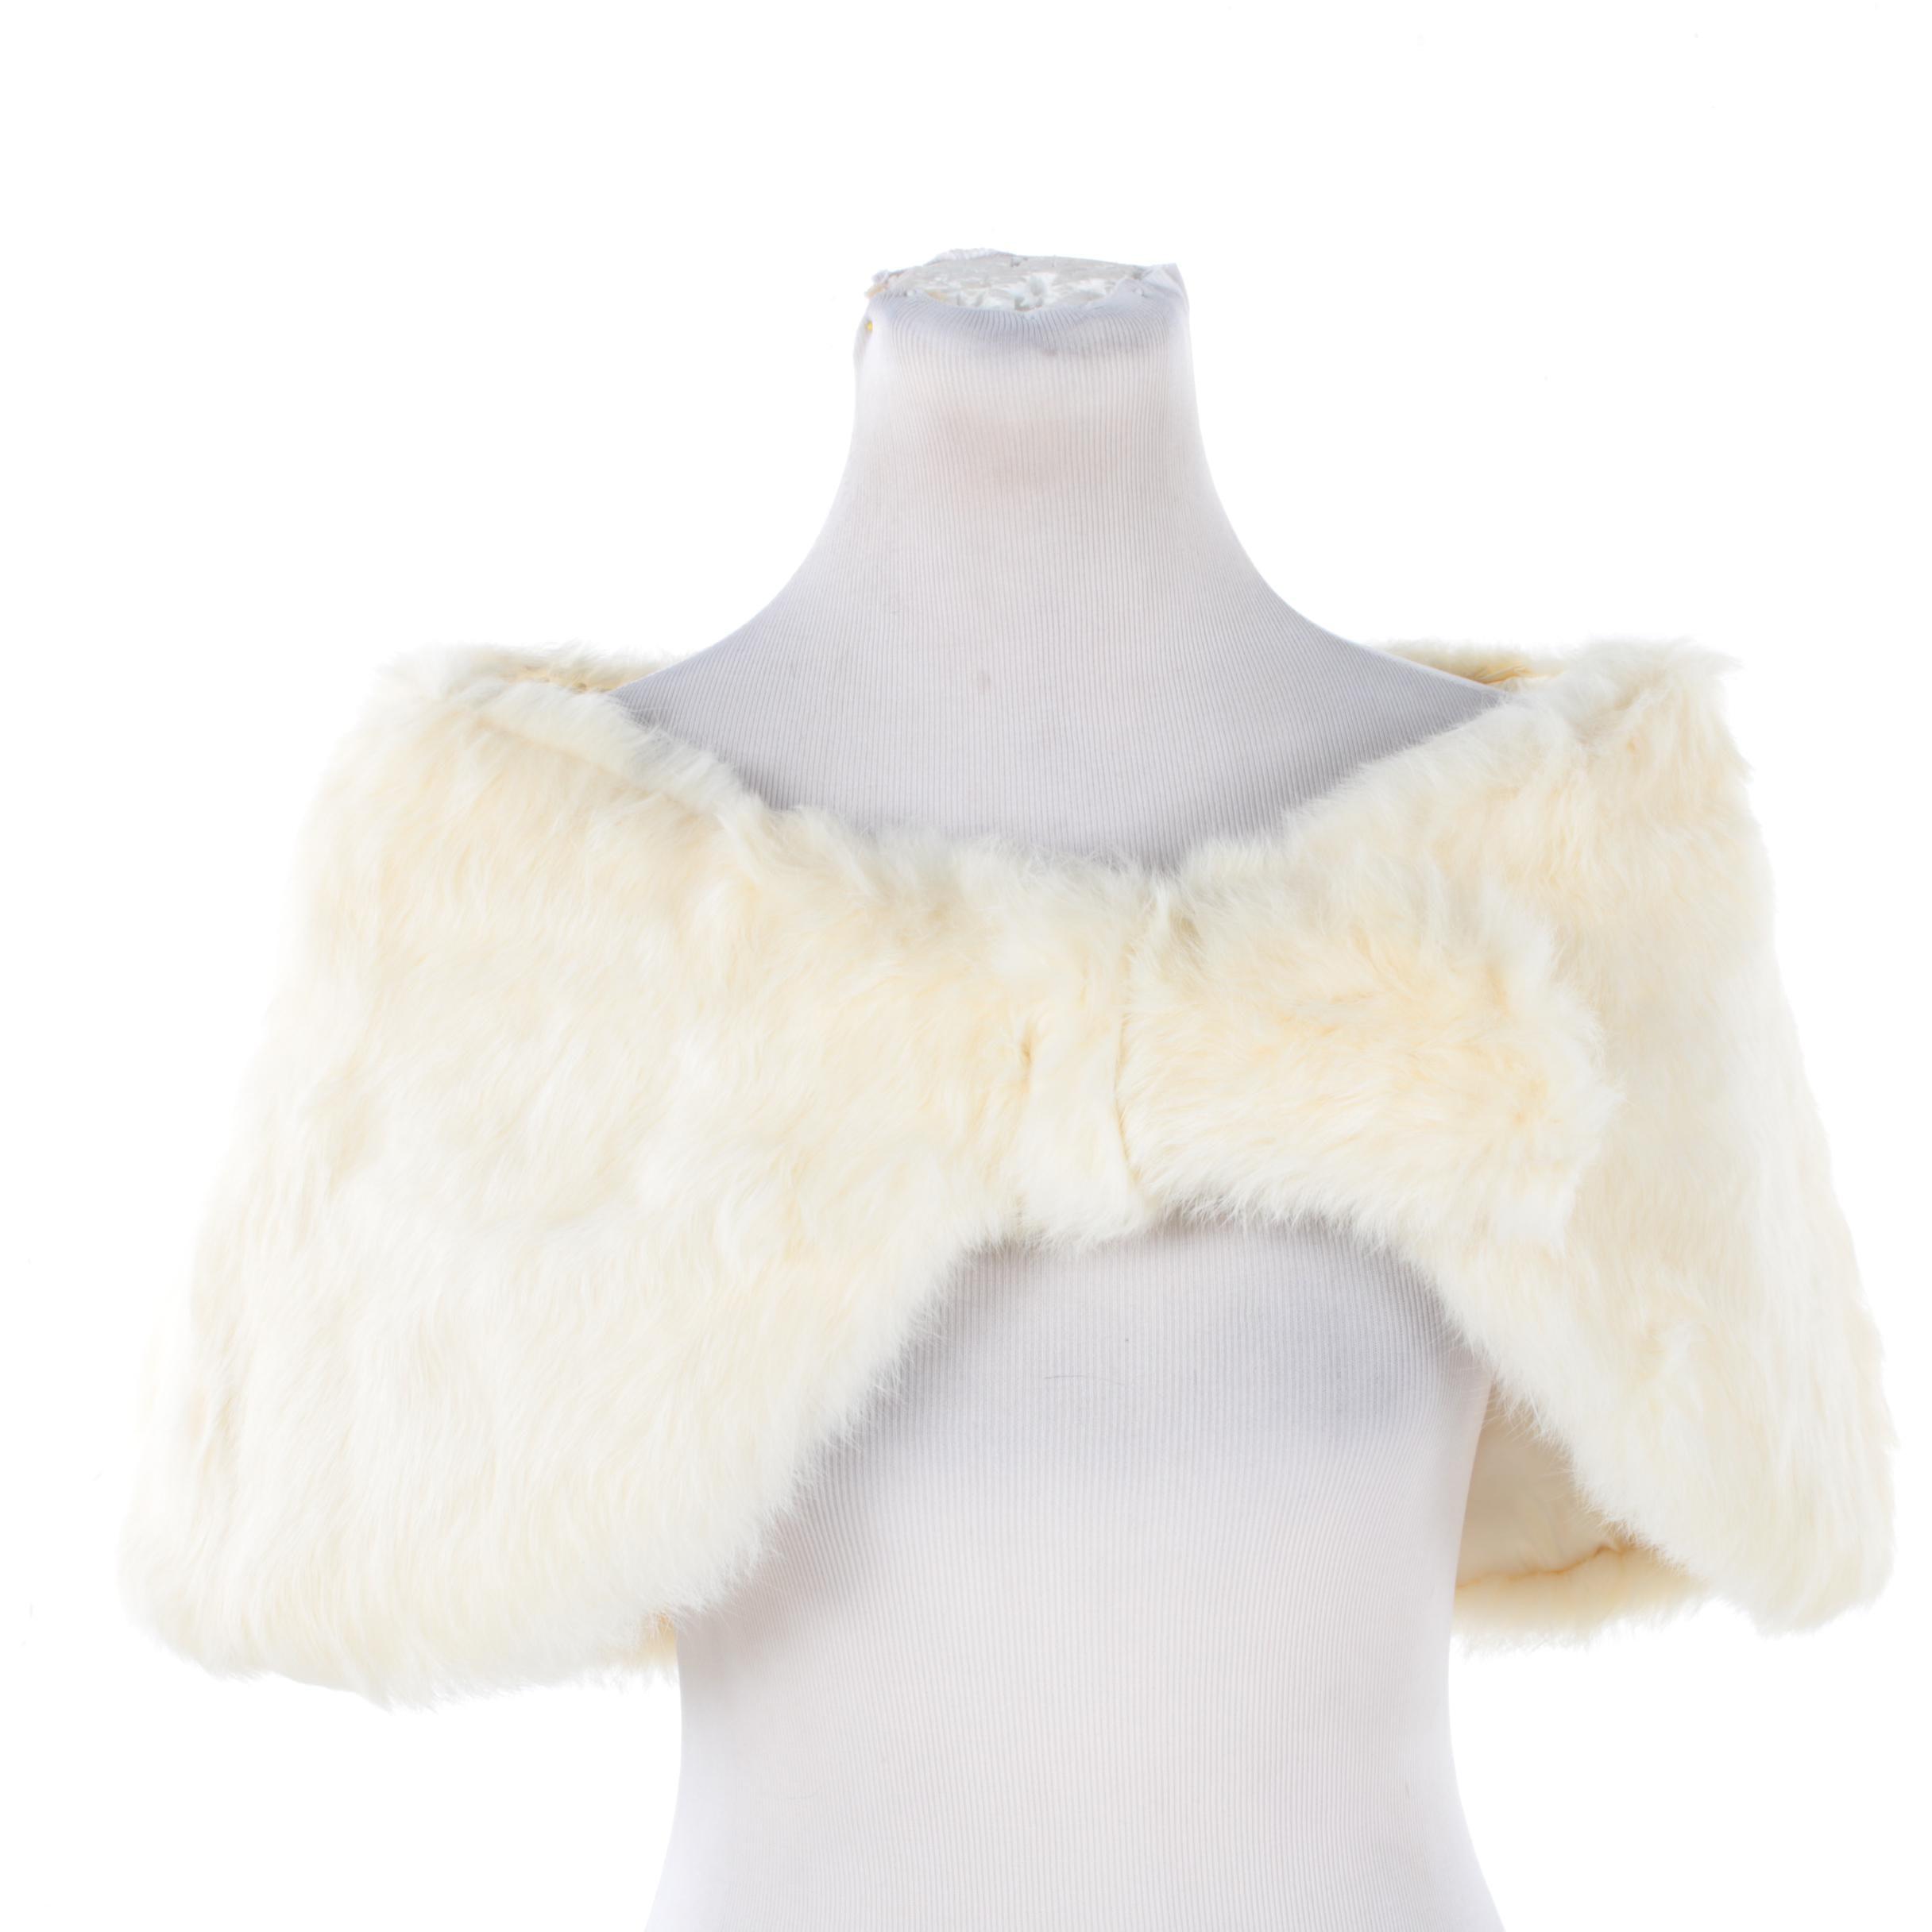 Vintage City Fur Co. Rabbit Fur Stole